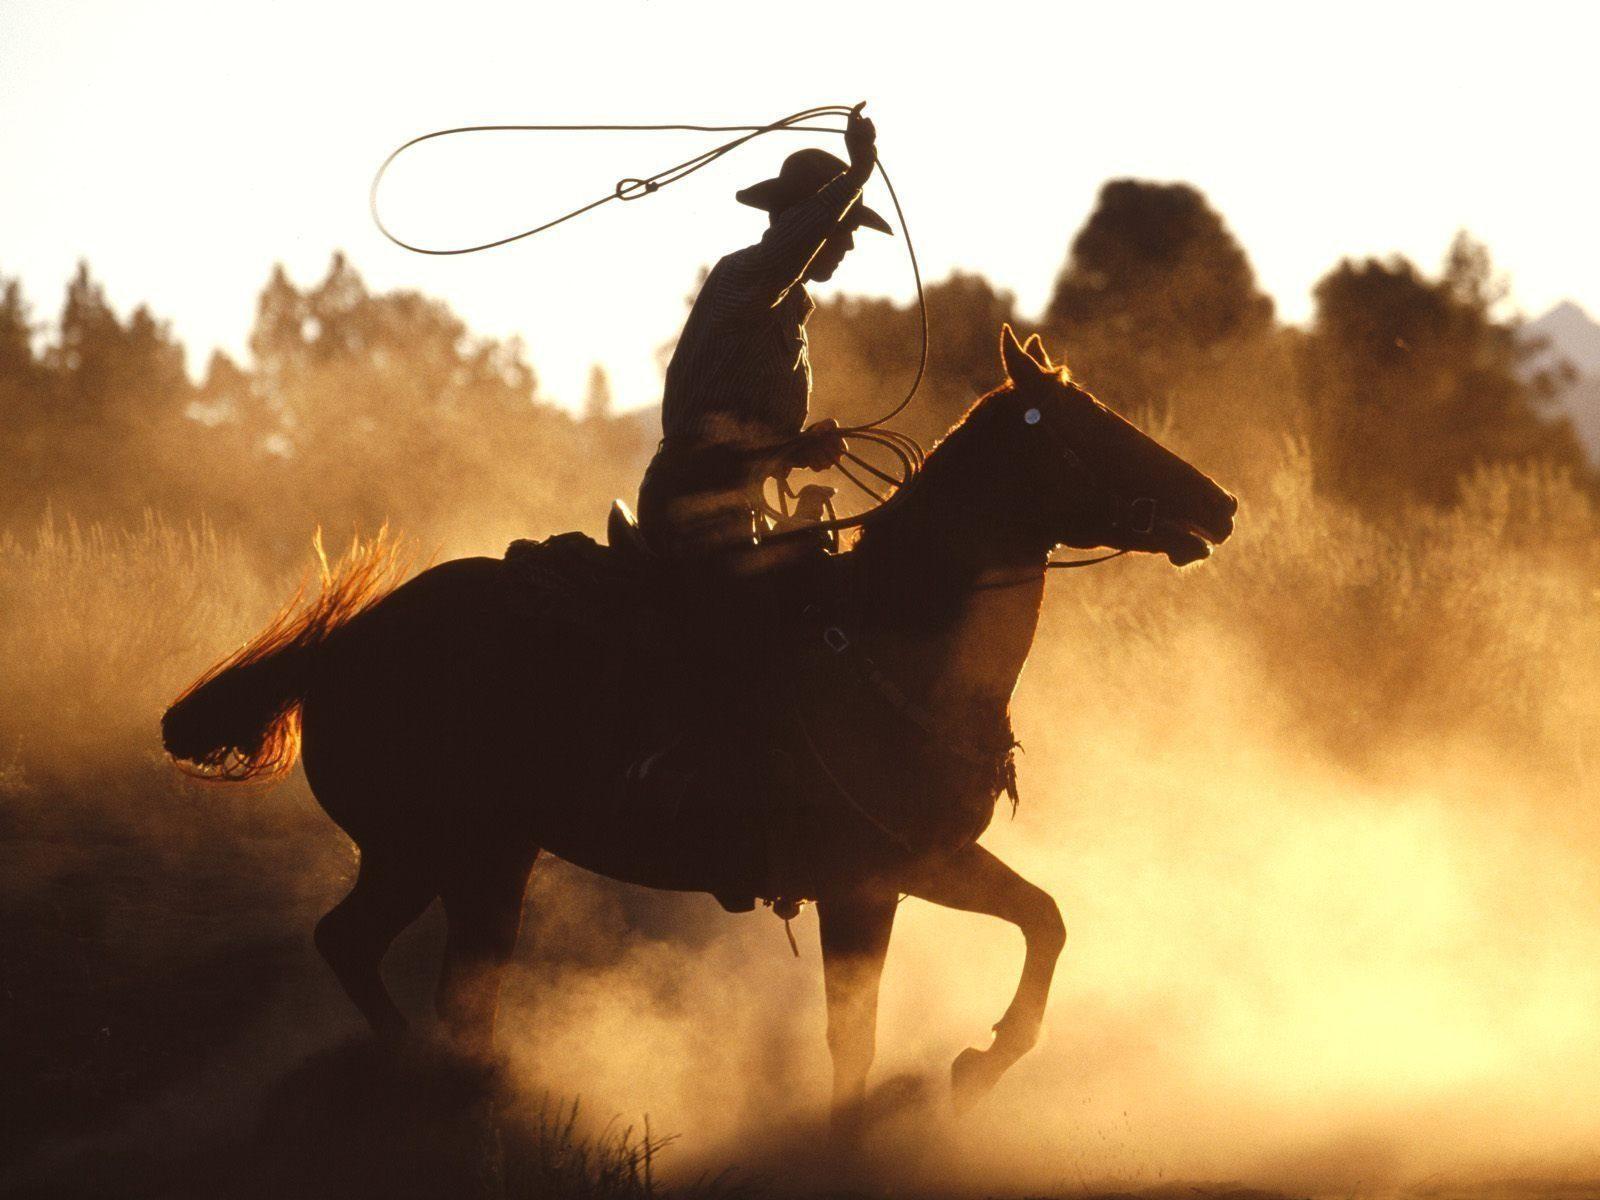 Le Festival du Cowboy de Chambord, ça commence aujourd'hui!